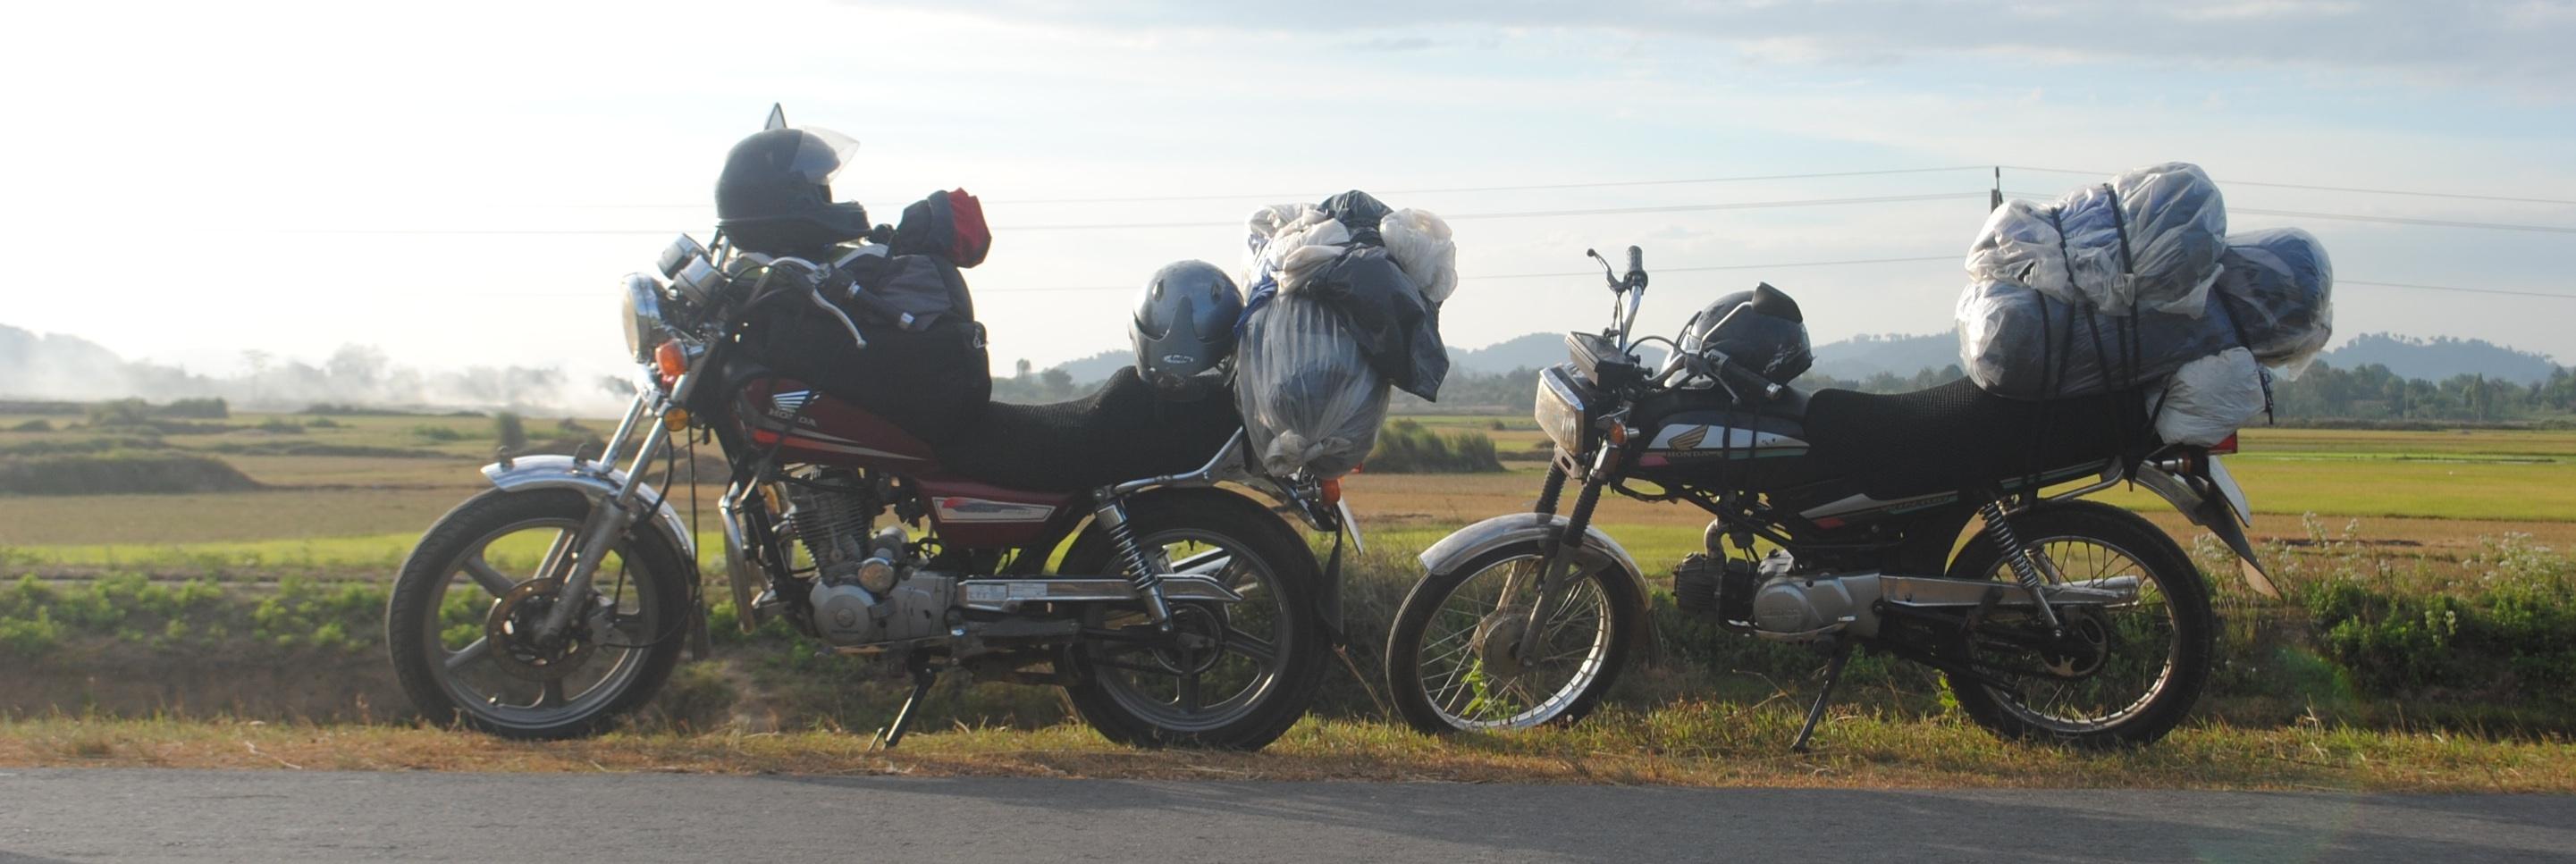 Easy Rider Erfahrungsbericht aus Vietnam